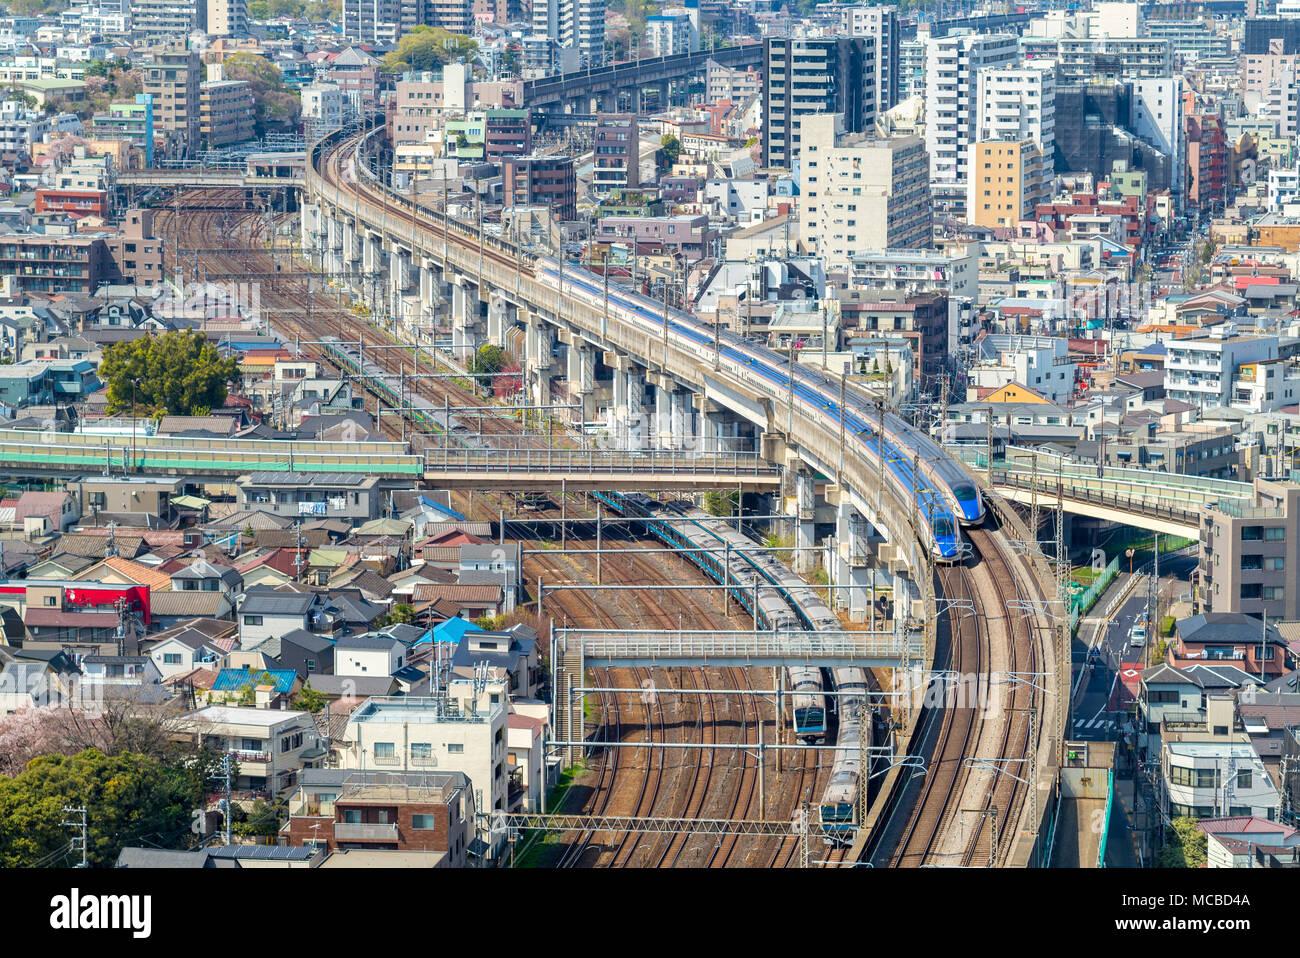 Railway et du métro de Tokyo, Japon Photo Stock